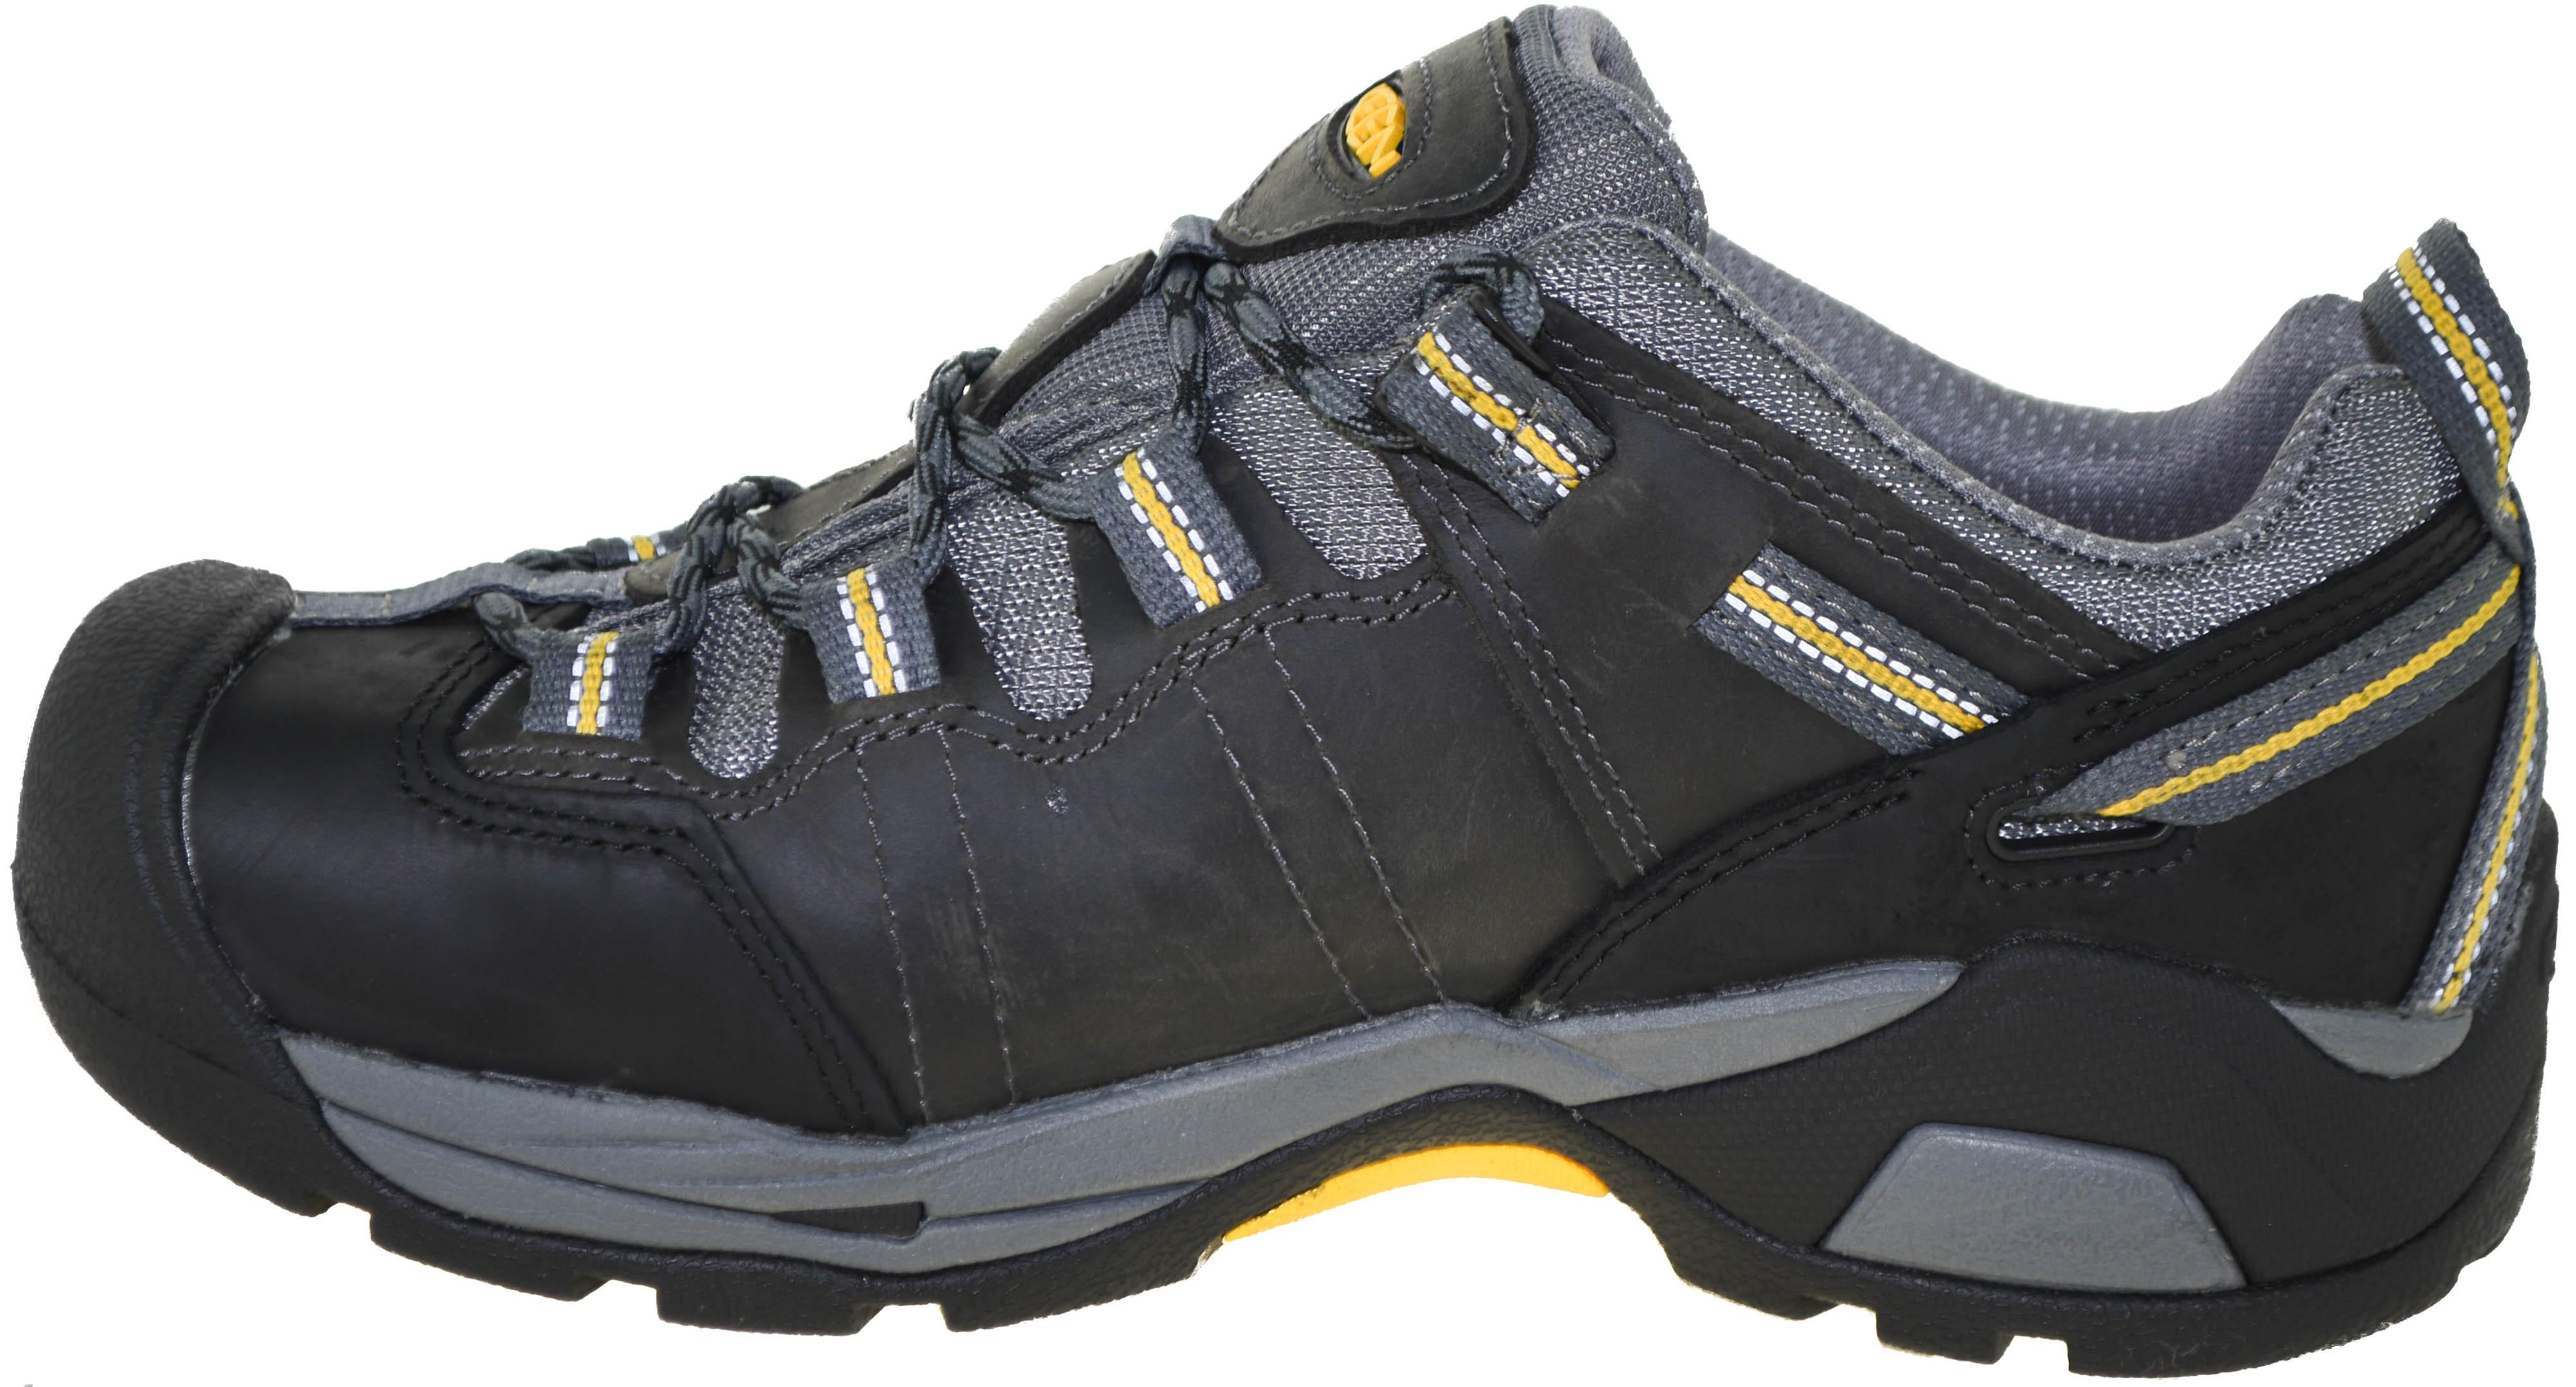 34202b5d078 Details about Keen Utility Men's Detroit XT Soft Toe ESD Grey Style 1020034